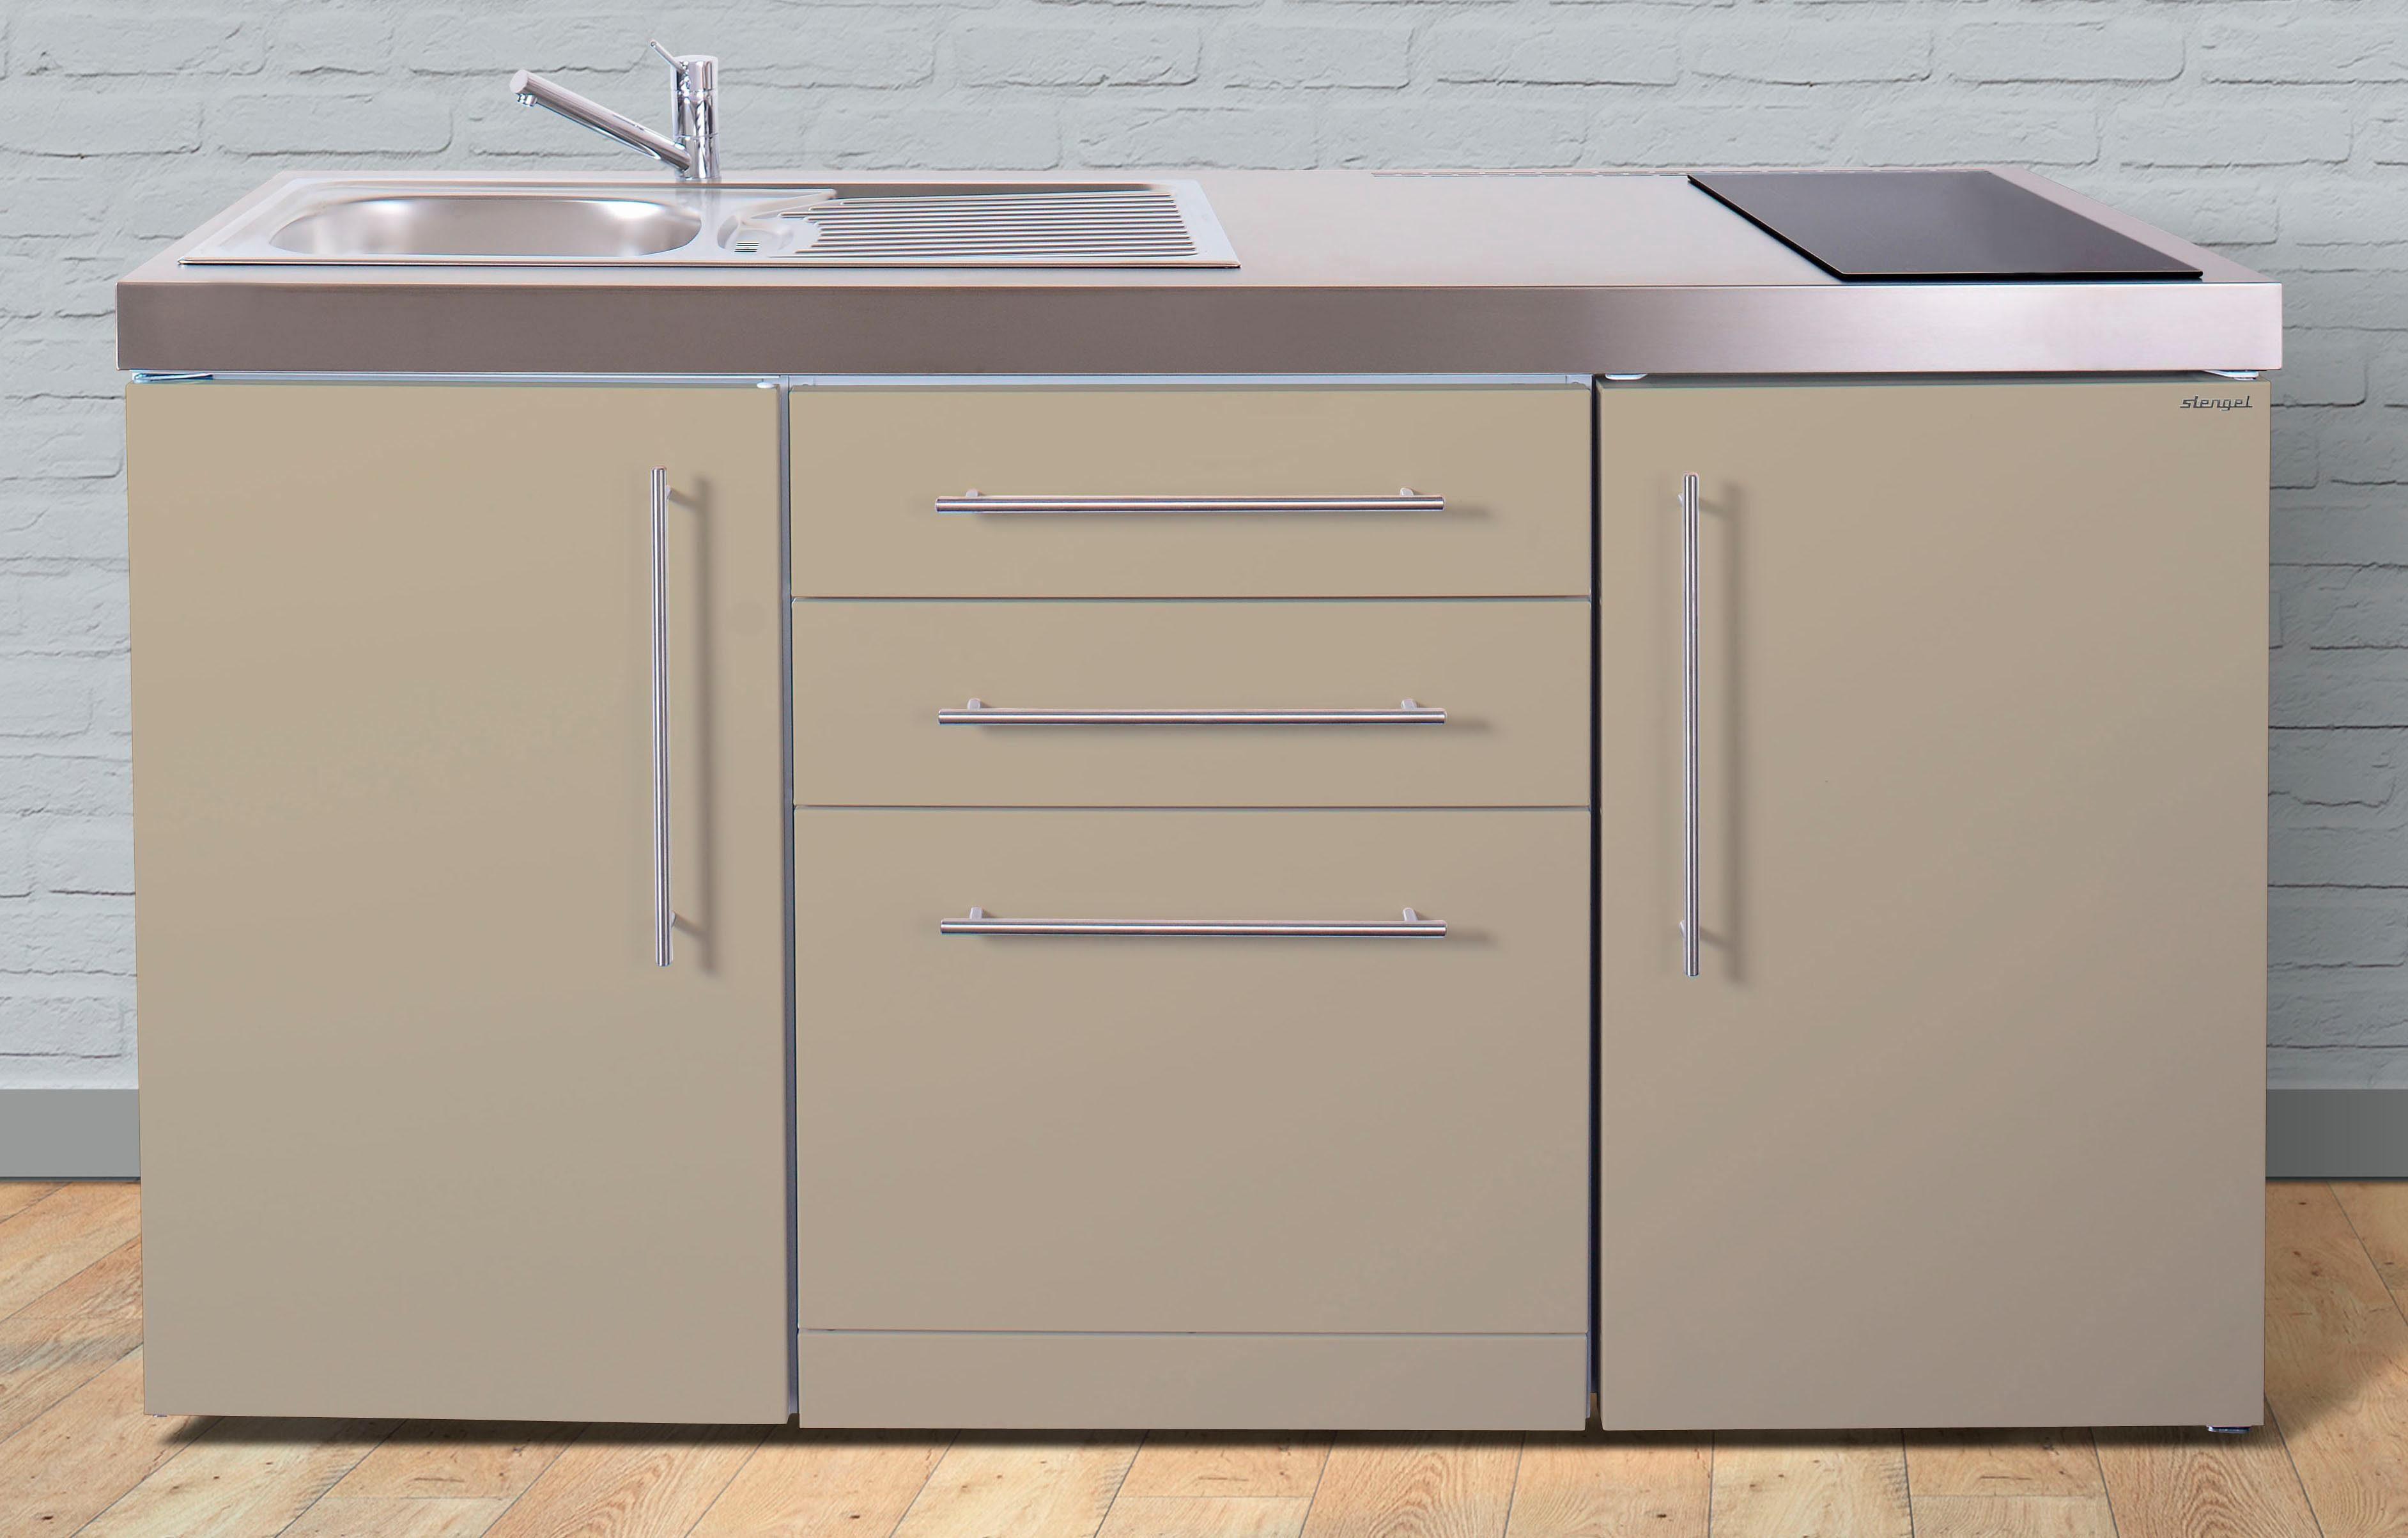 Stengel Miniküche »MPGS 160« aus Metall in der Farbe Sand, Breite 160 cm